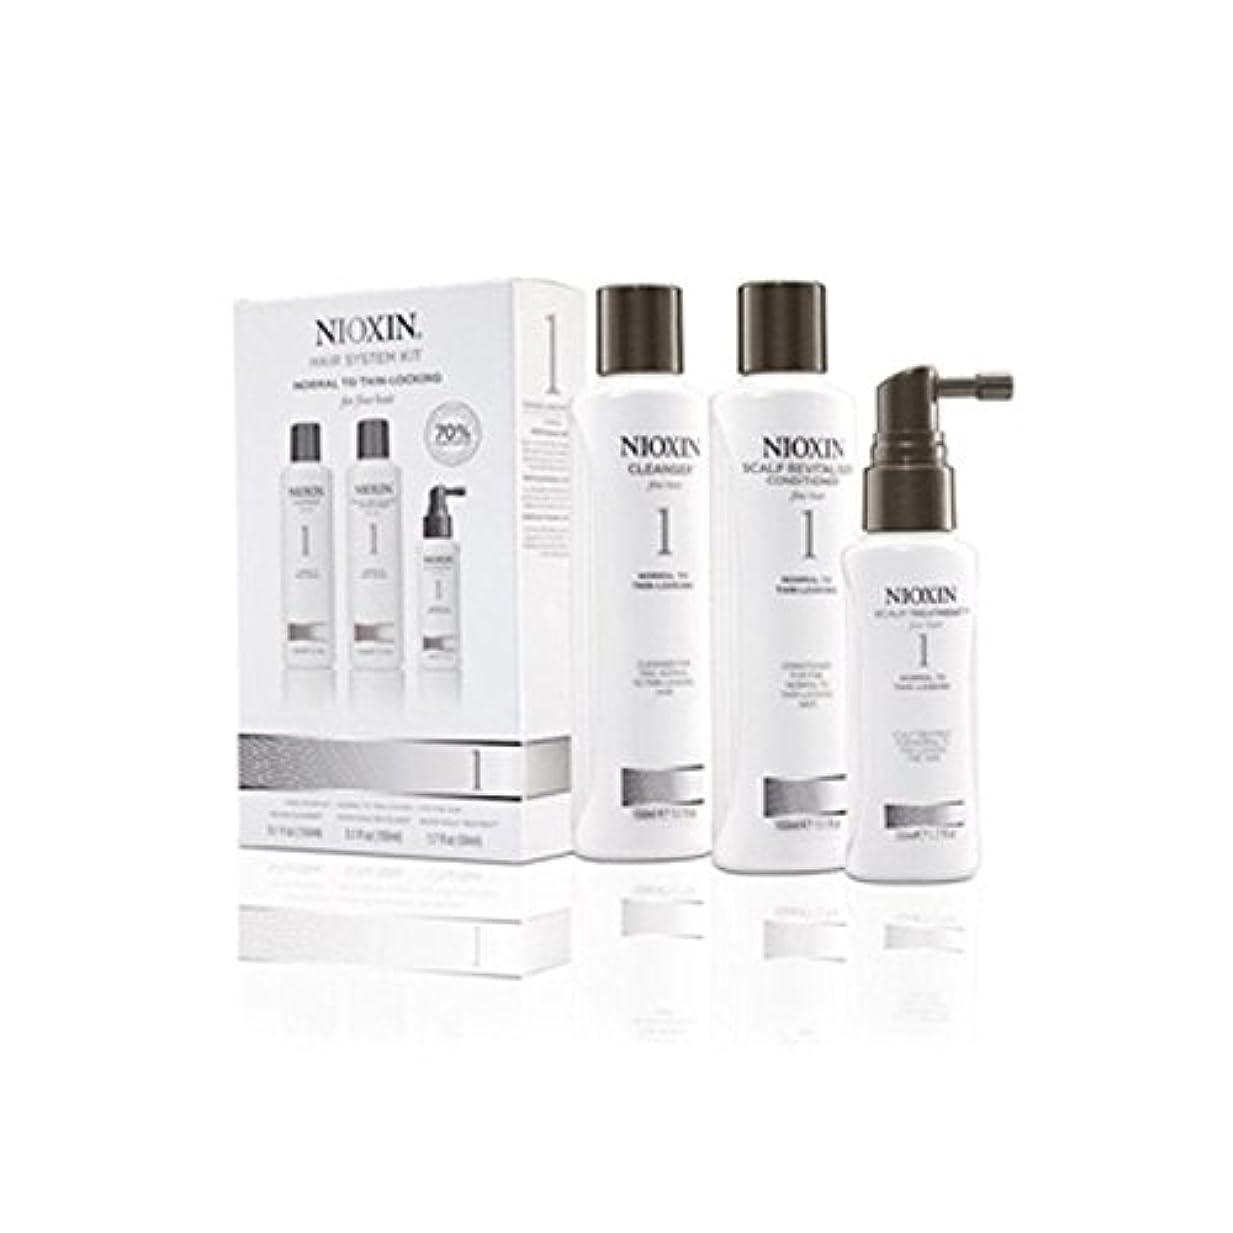 ブレーク静脈反対するNioxin Hair System Kit 1 For Normal To Fine Natural Hair (3 Products) - 細かい自然な髪への通常のためニオキシンヘアシステムキット1(3製品) [並行輸入品]